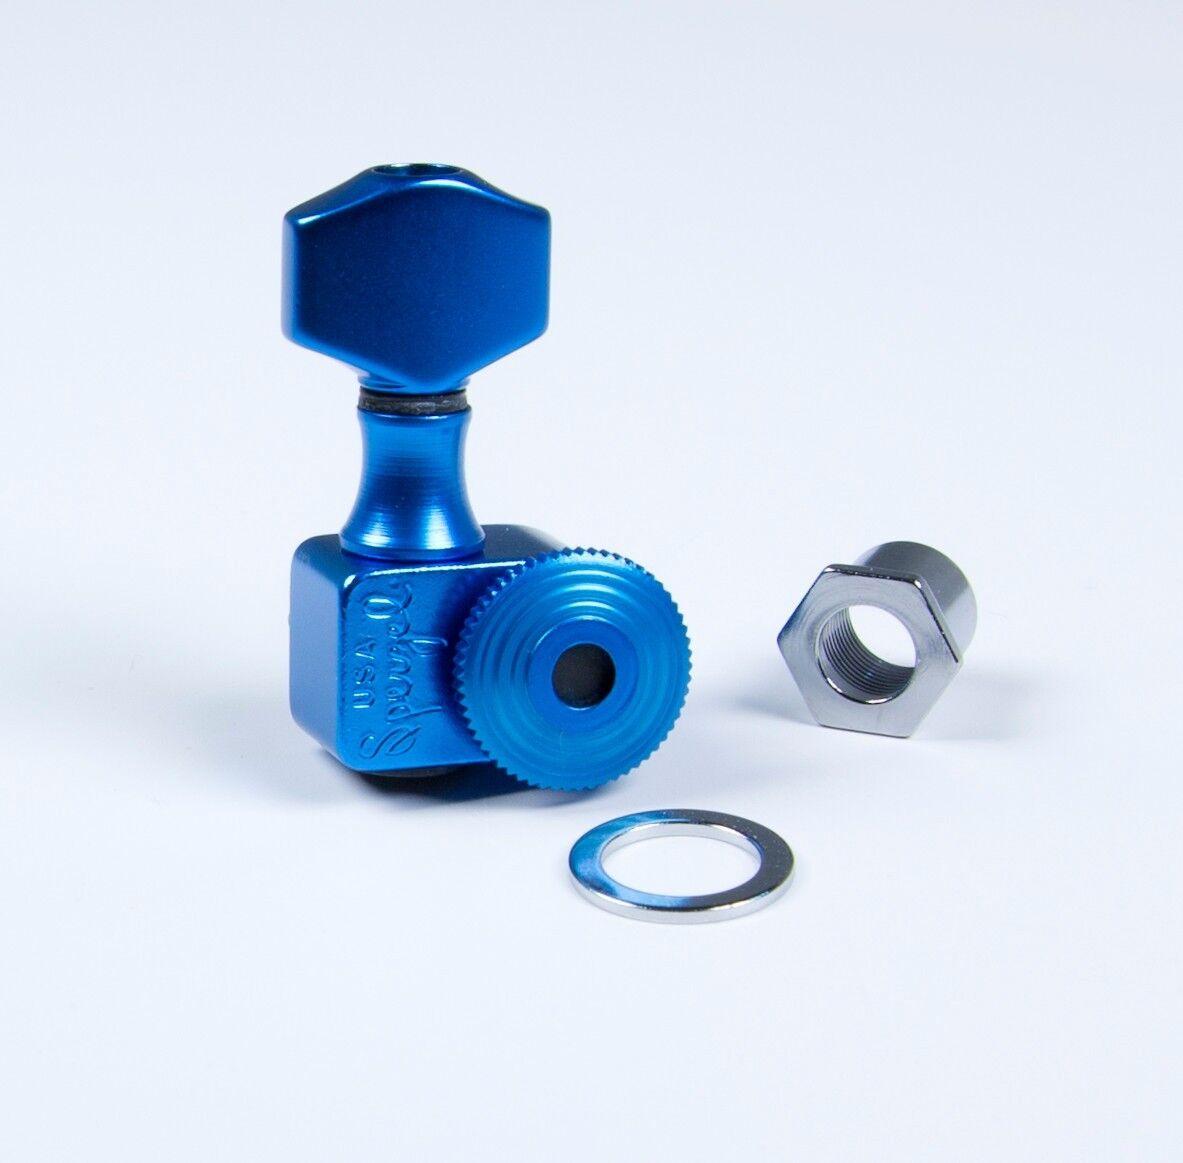 Sperzel Trimlok 6 in-line Blau tuners NEW Auth Dealer full warranty